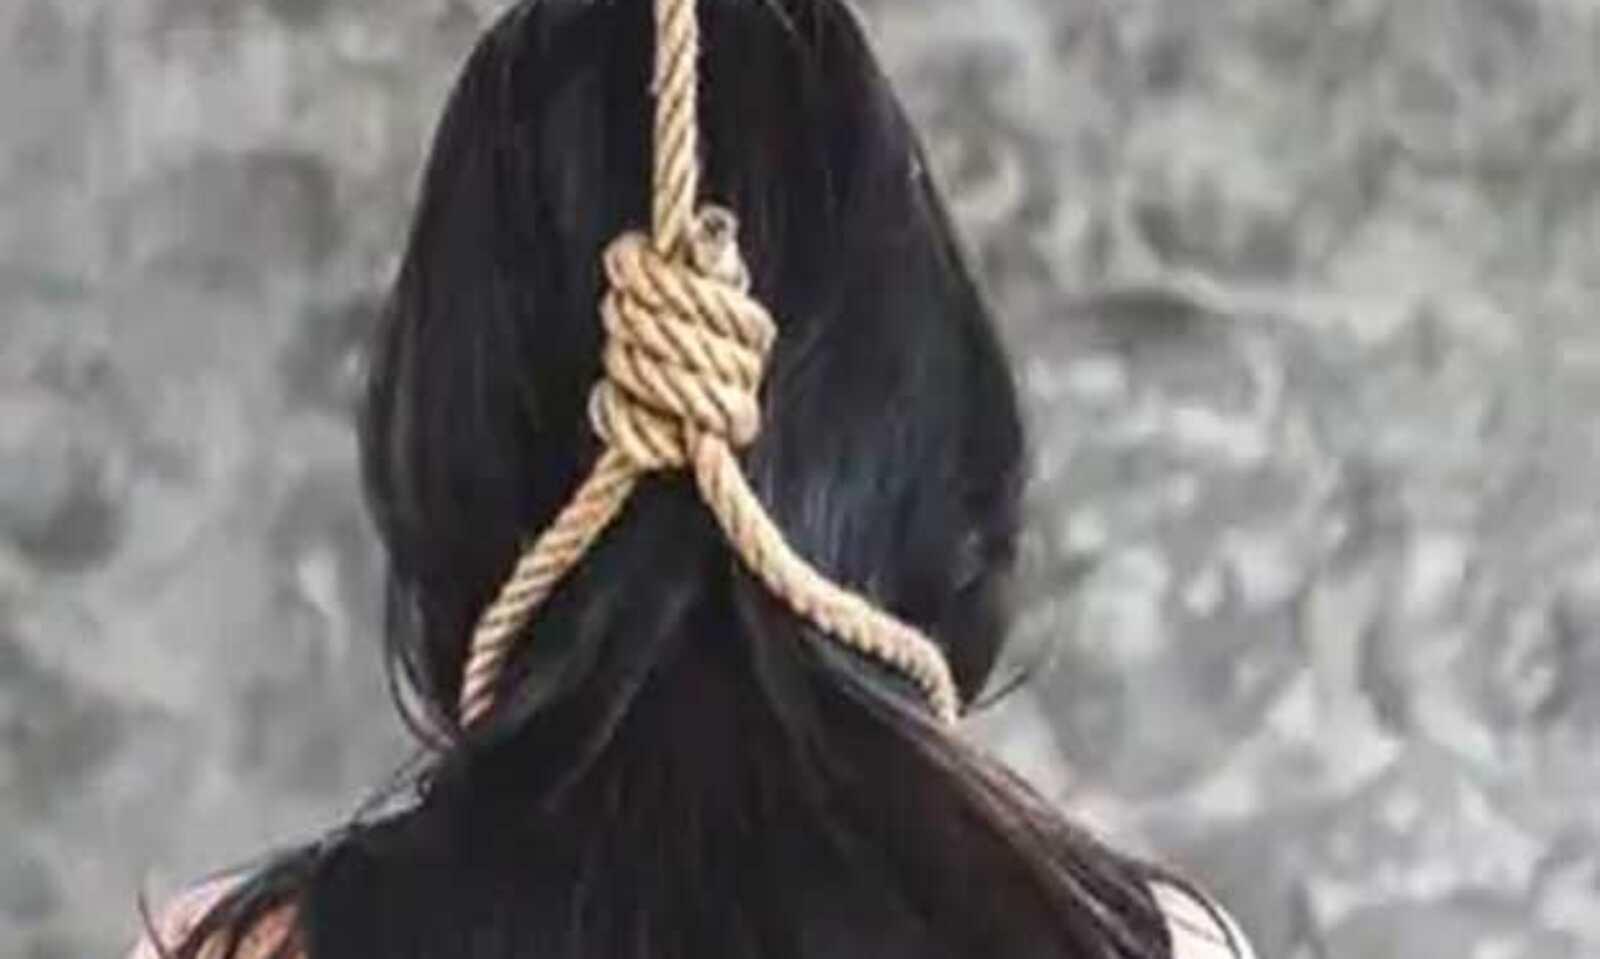 बरेली के सुभाष नगर में युवती ने फांसी लगाकर की खुदकुशी, एक दिन पहले ही पिता ने एक युवक पर दर्ज कराया था छेड़छाड़ का मुकदमा|बरेली,Bareilly - Dainik Bhaskar